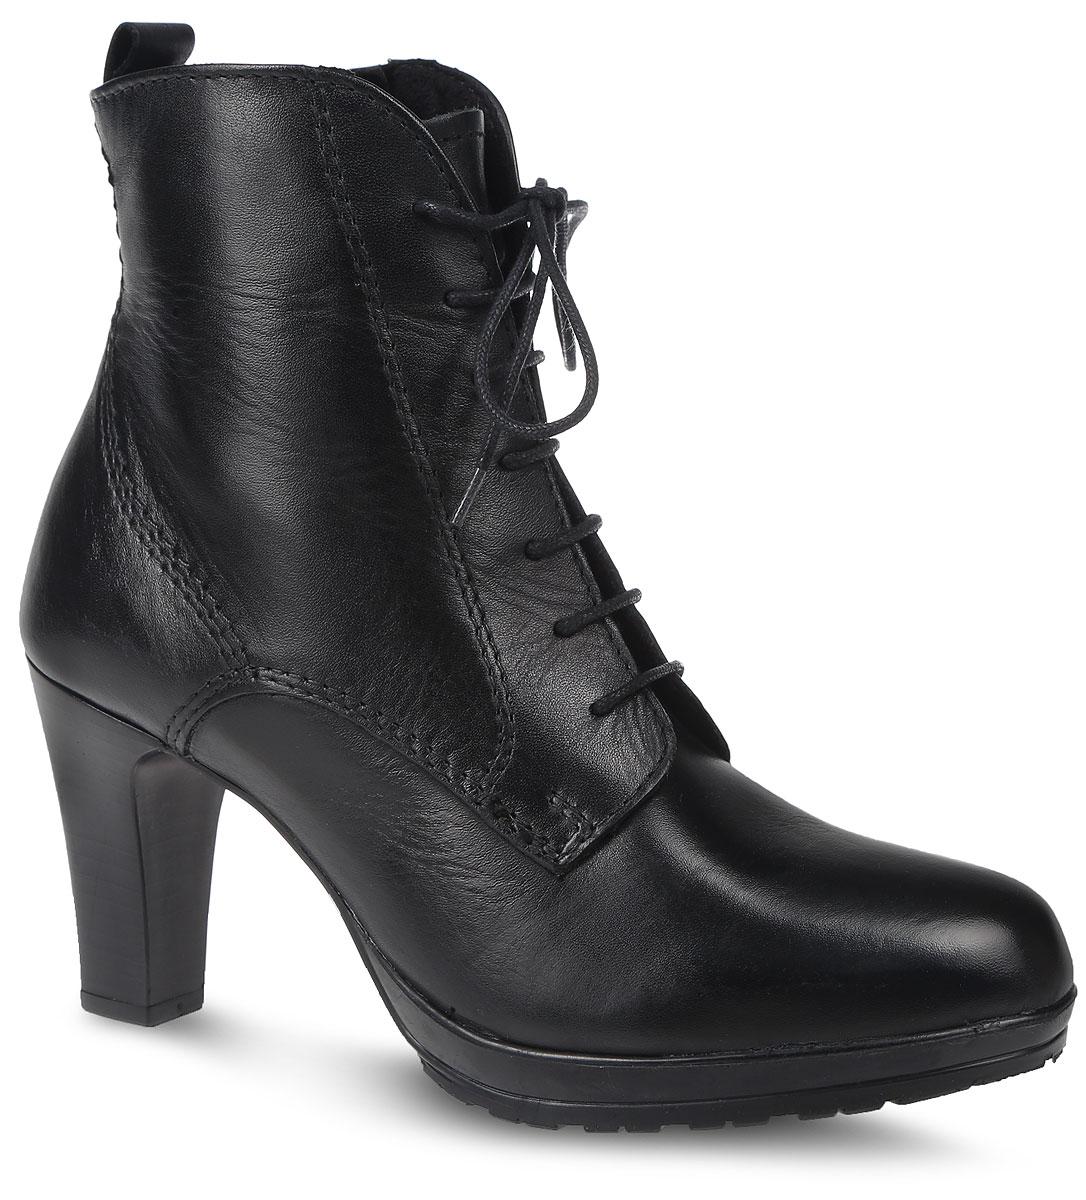 Ботильоны. 1-1-25230-27-0011-1-25230-27-001Элегантные ботильоны от Tamaris займут достойное место в вашем гардеробе. Модель выполнена из натуральной гладкой кожи и оформлена прошивкой. На ноге модель фиксируется с помощью удобной боковой молнии и классической шнуровки. Ярлычок на заднике облегчит надевание обуви. Внутренняя поверхность и стелька выполнены из мягкого ворсистого текстиля, комфортного при движении. Подошва и каблук выполнены из качественных искусственных материалов. Удобный устойчивый каблук оформлен тиснением в полоску. Рифленая поверхность подошвы защищает изделие от скольжения. Такие стильные ботильоны помогут вам создать свой модный образ.